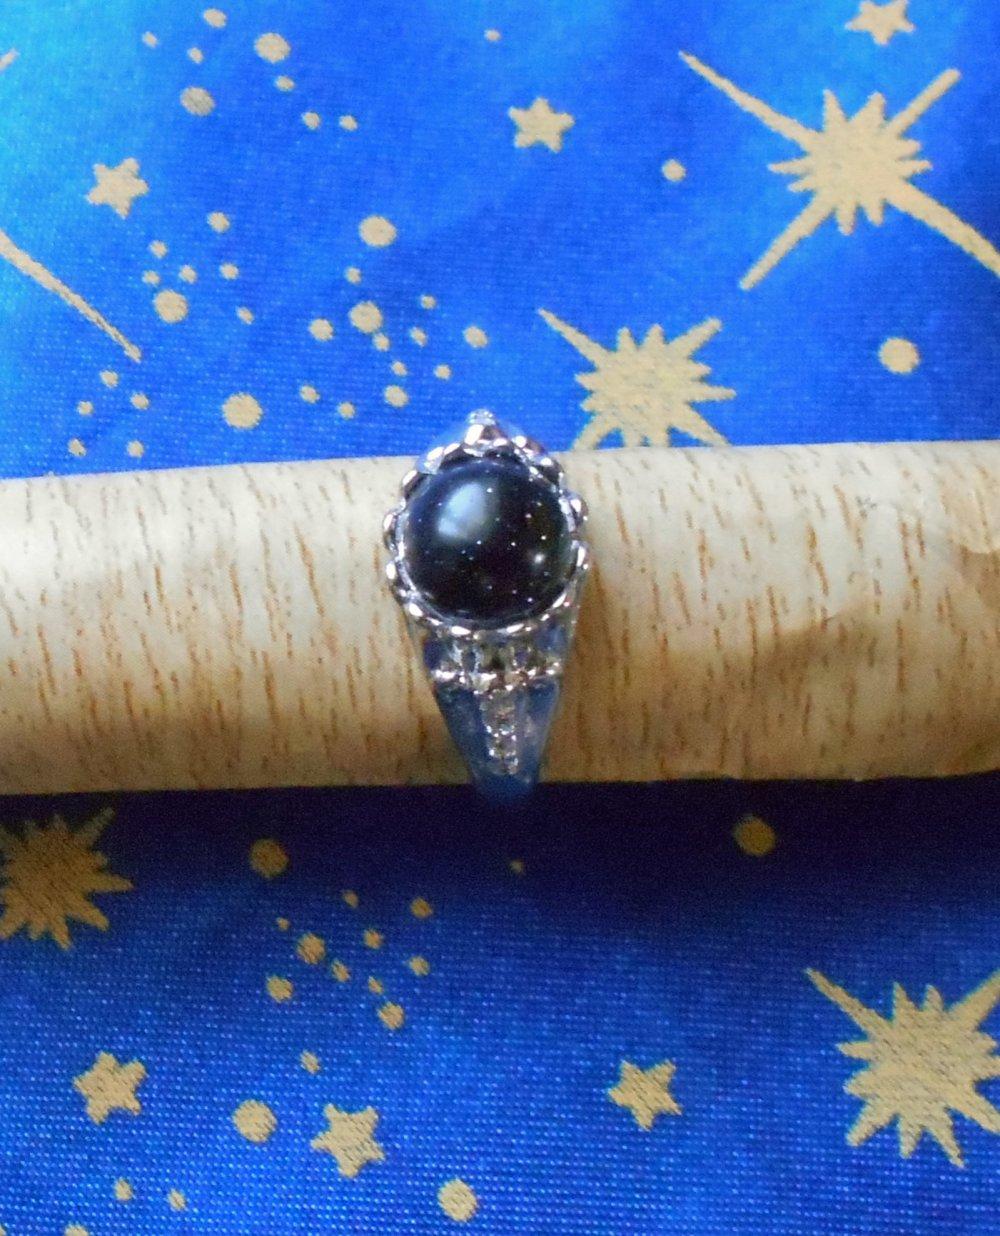 Petite bague stylée en alliage argent/laiton avec une pierre de soleil bleu marine de 8mm de diamètre et strass.